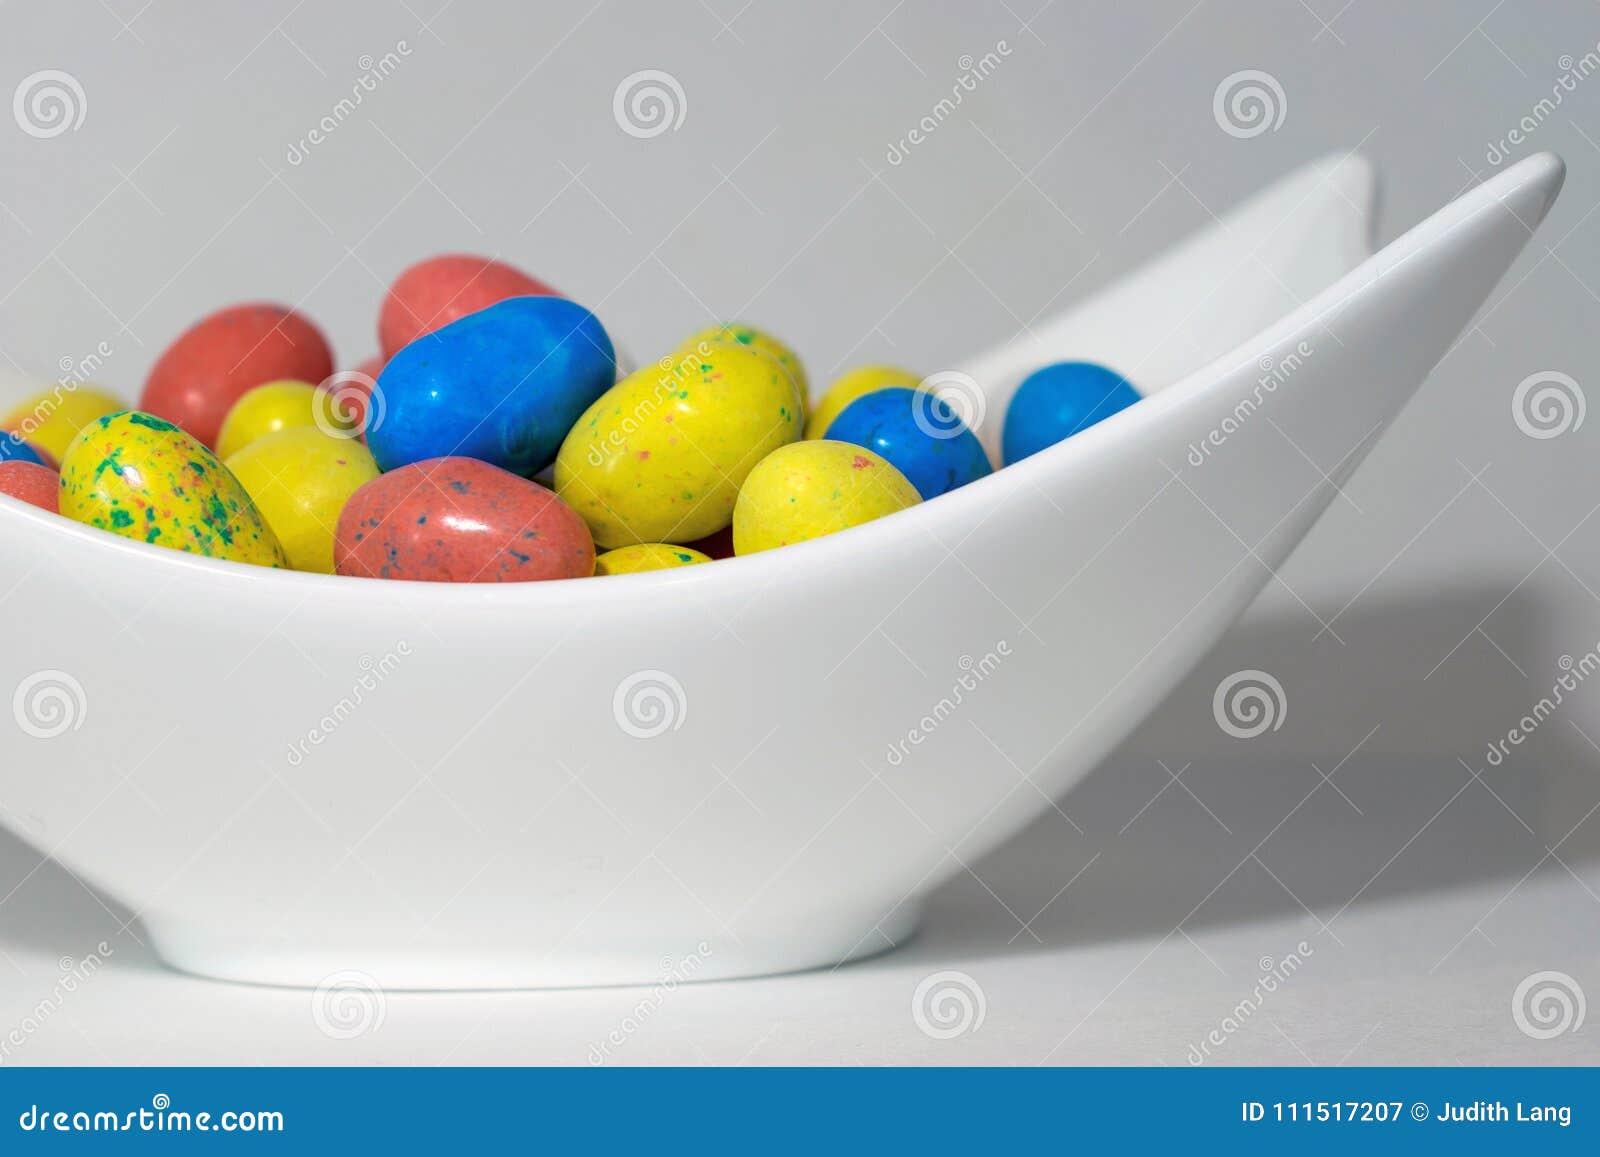 Καραμέλα αυγών Πάσχας στο άσπρο γλυπτό κύπελλο